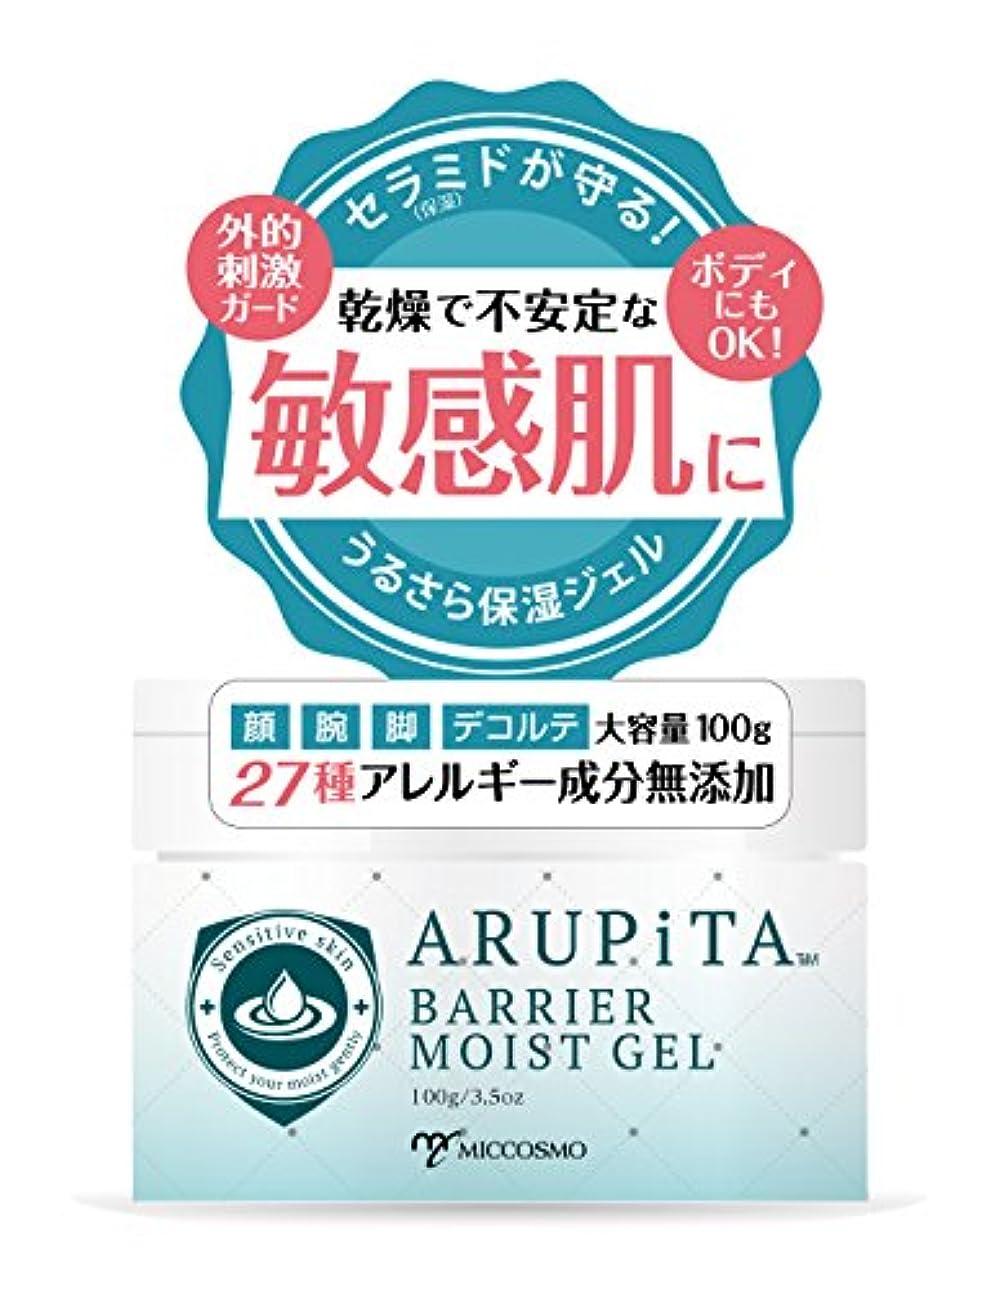 名目上のコットン放散するアルピタ バリアモイストジェル 100g